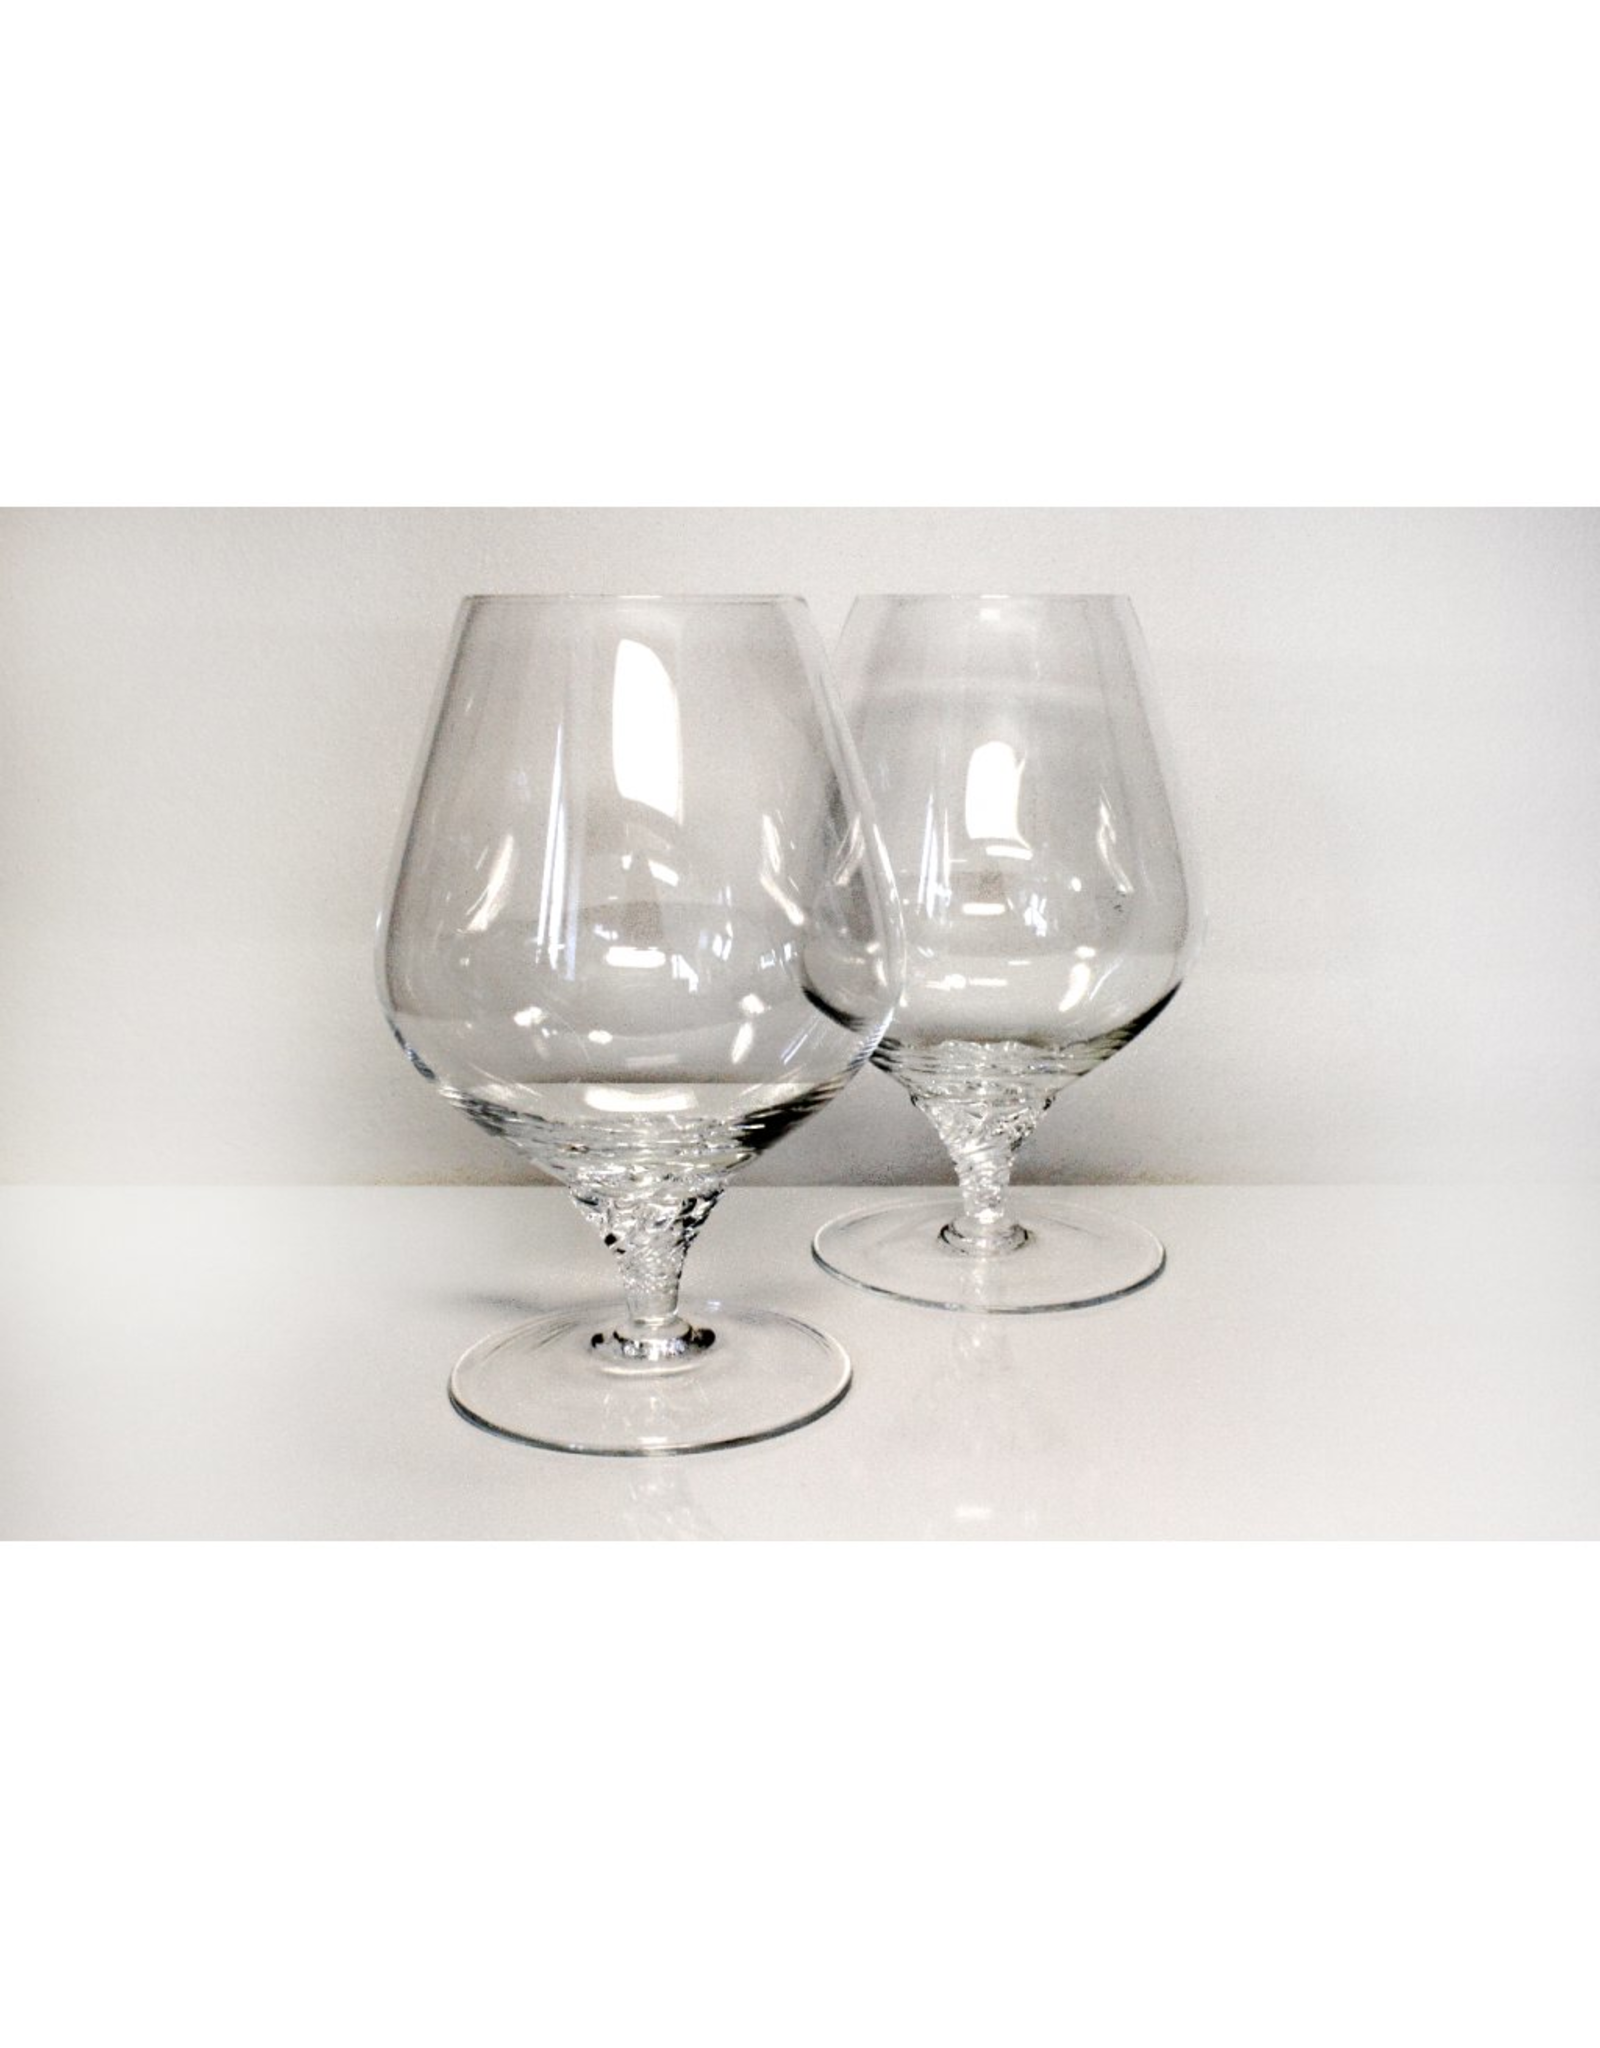 Skloglass Handgemaakte kristallen cognac glas Twist leg